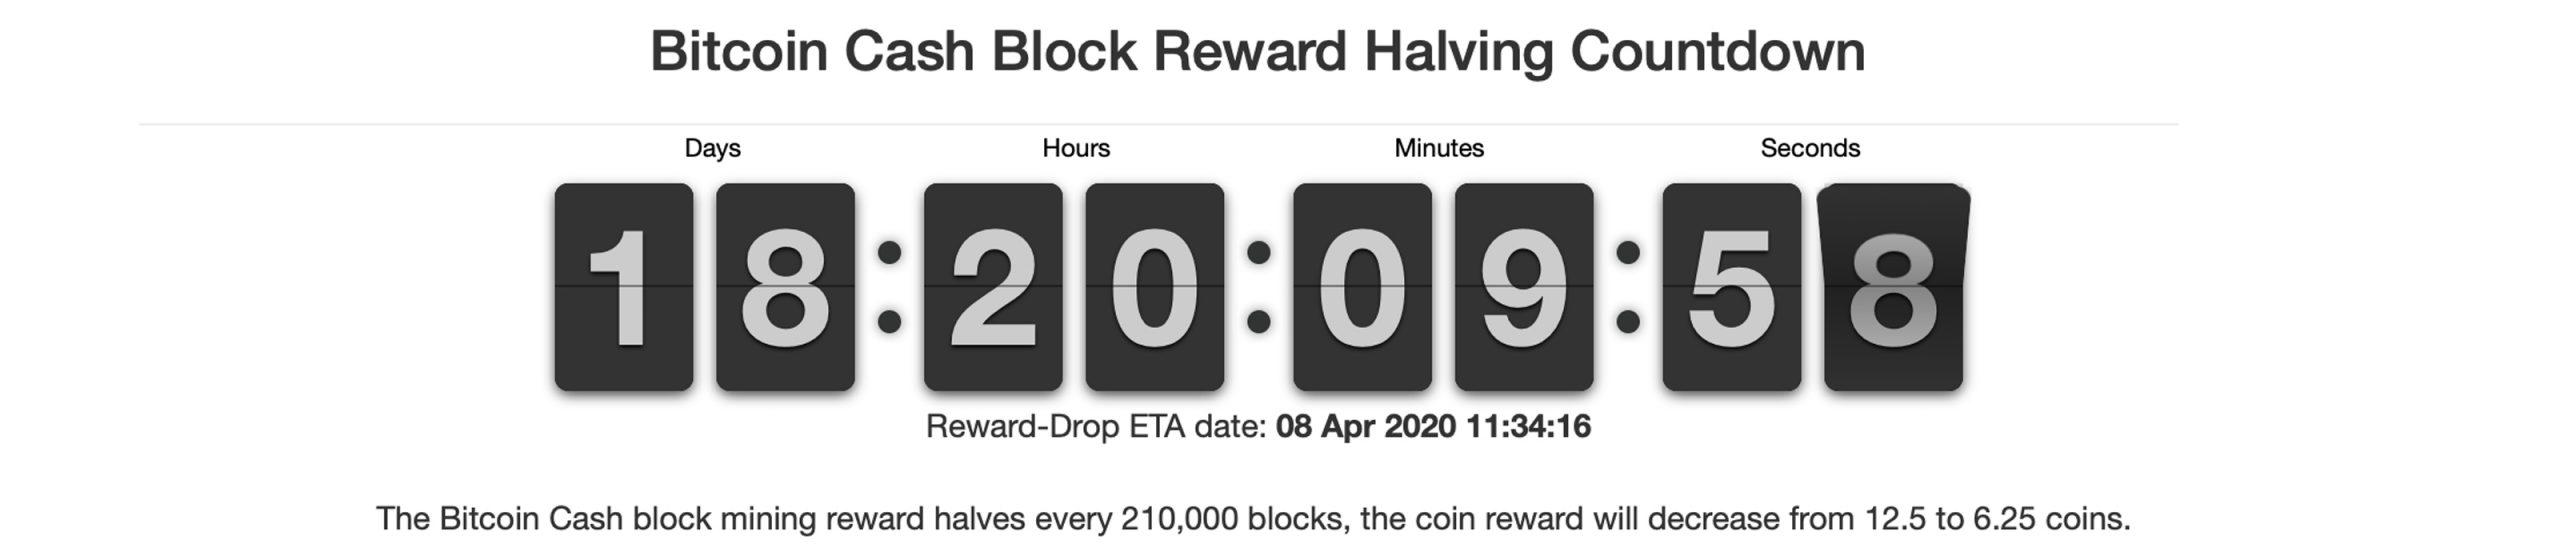 Reducir a la mitad la cuenta regresiva de bitcoin